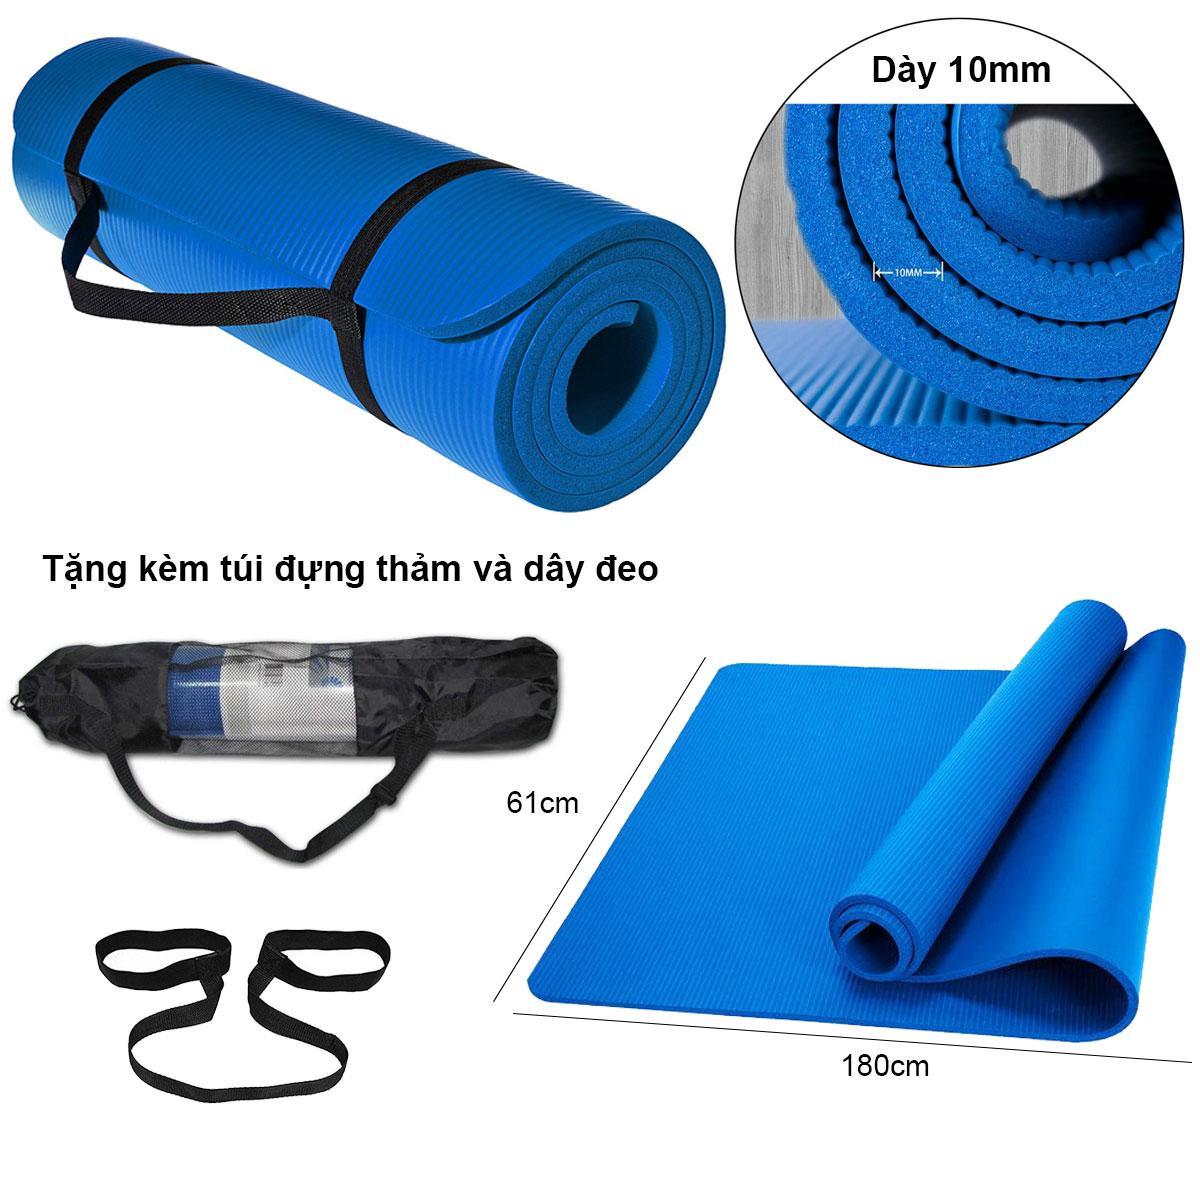 Thảm tập Yoga loại siêu bền, dày 10mm TPE - Tặng kèm túi đựng thảm